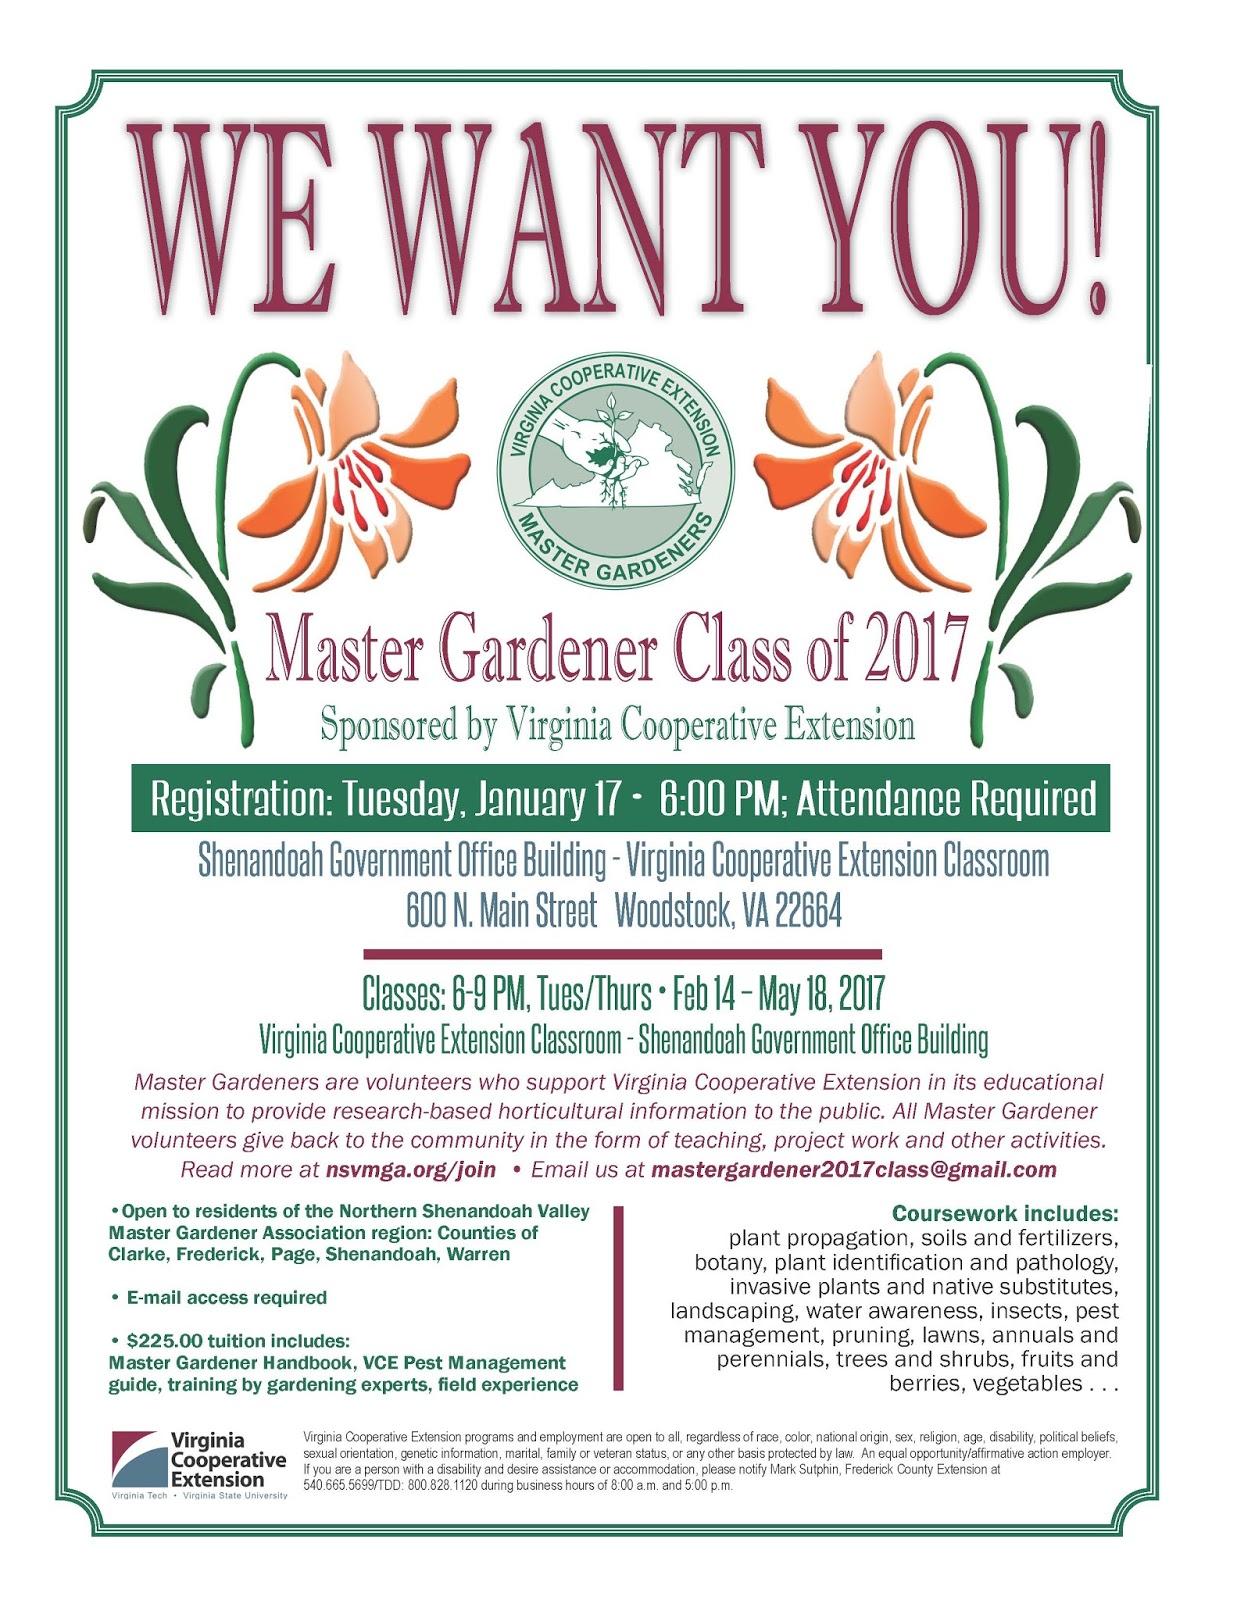 Virginia Cooperative Extension Master Gardener Program Nsvmga 2017 Training Class Woodstock